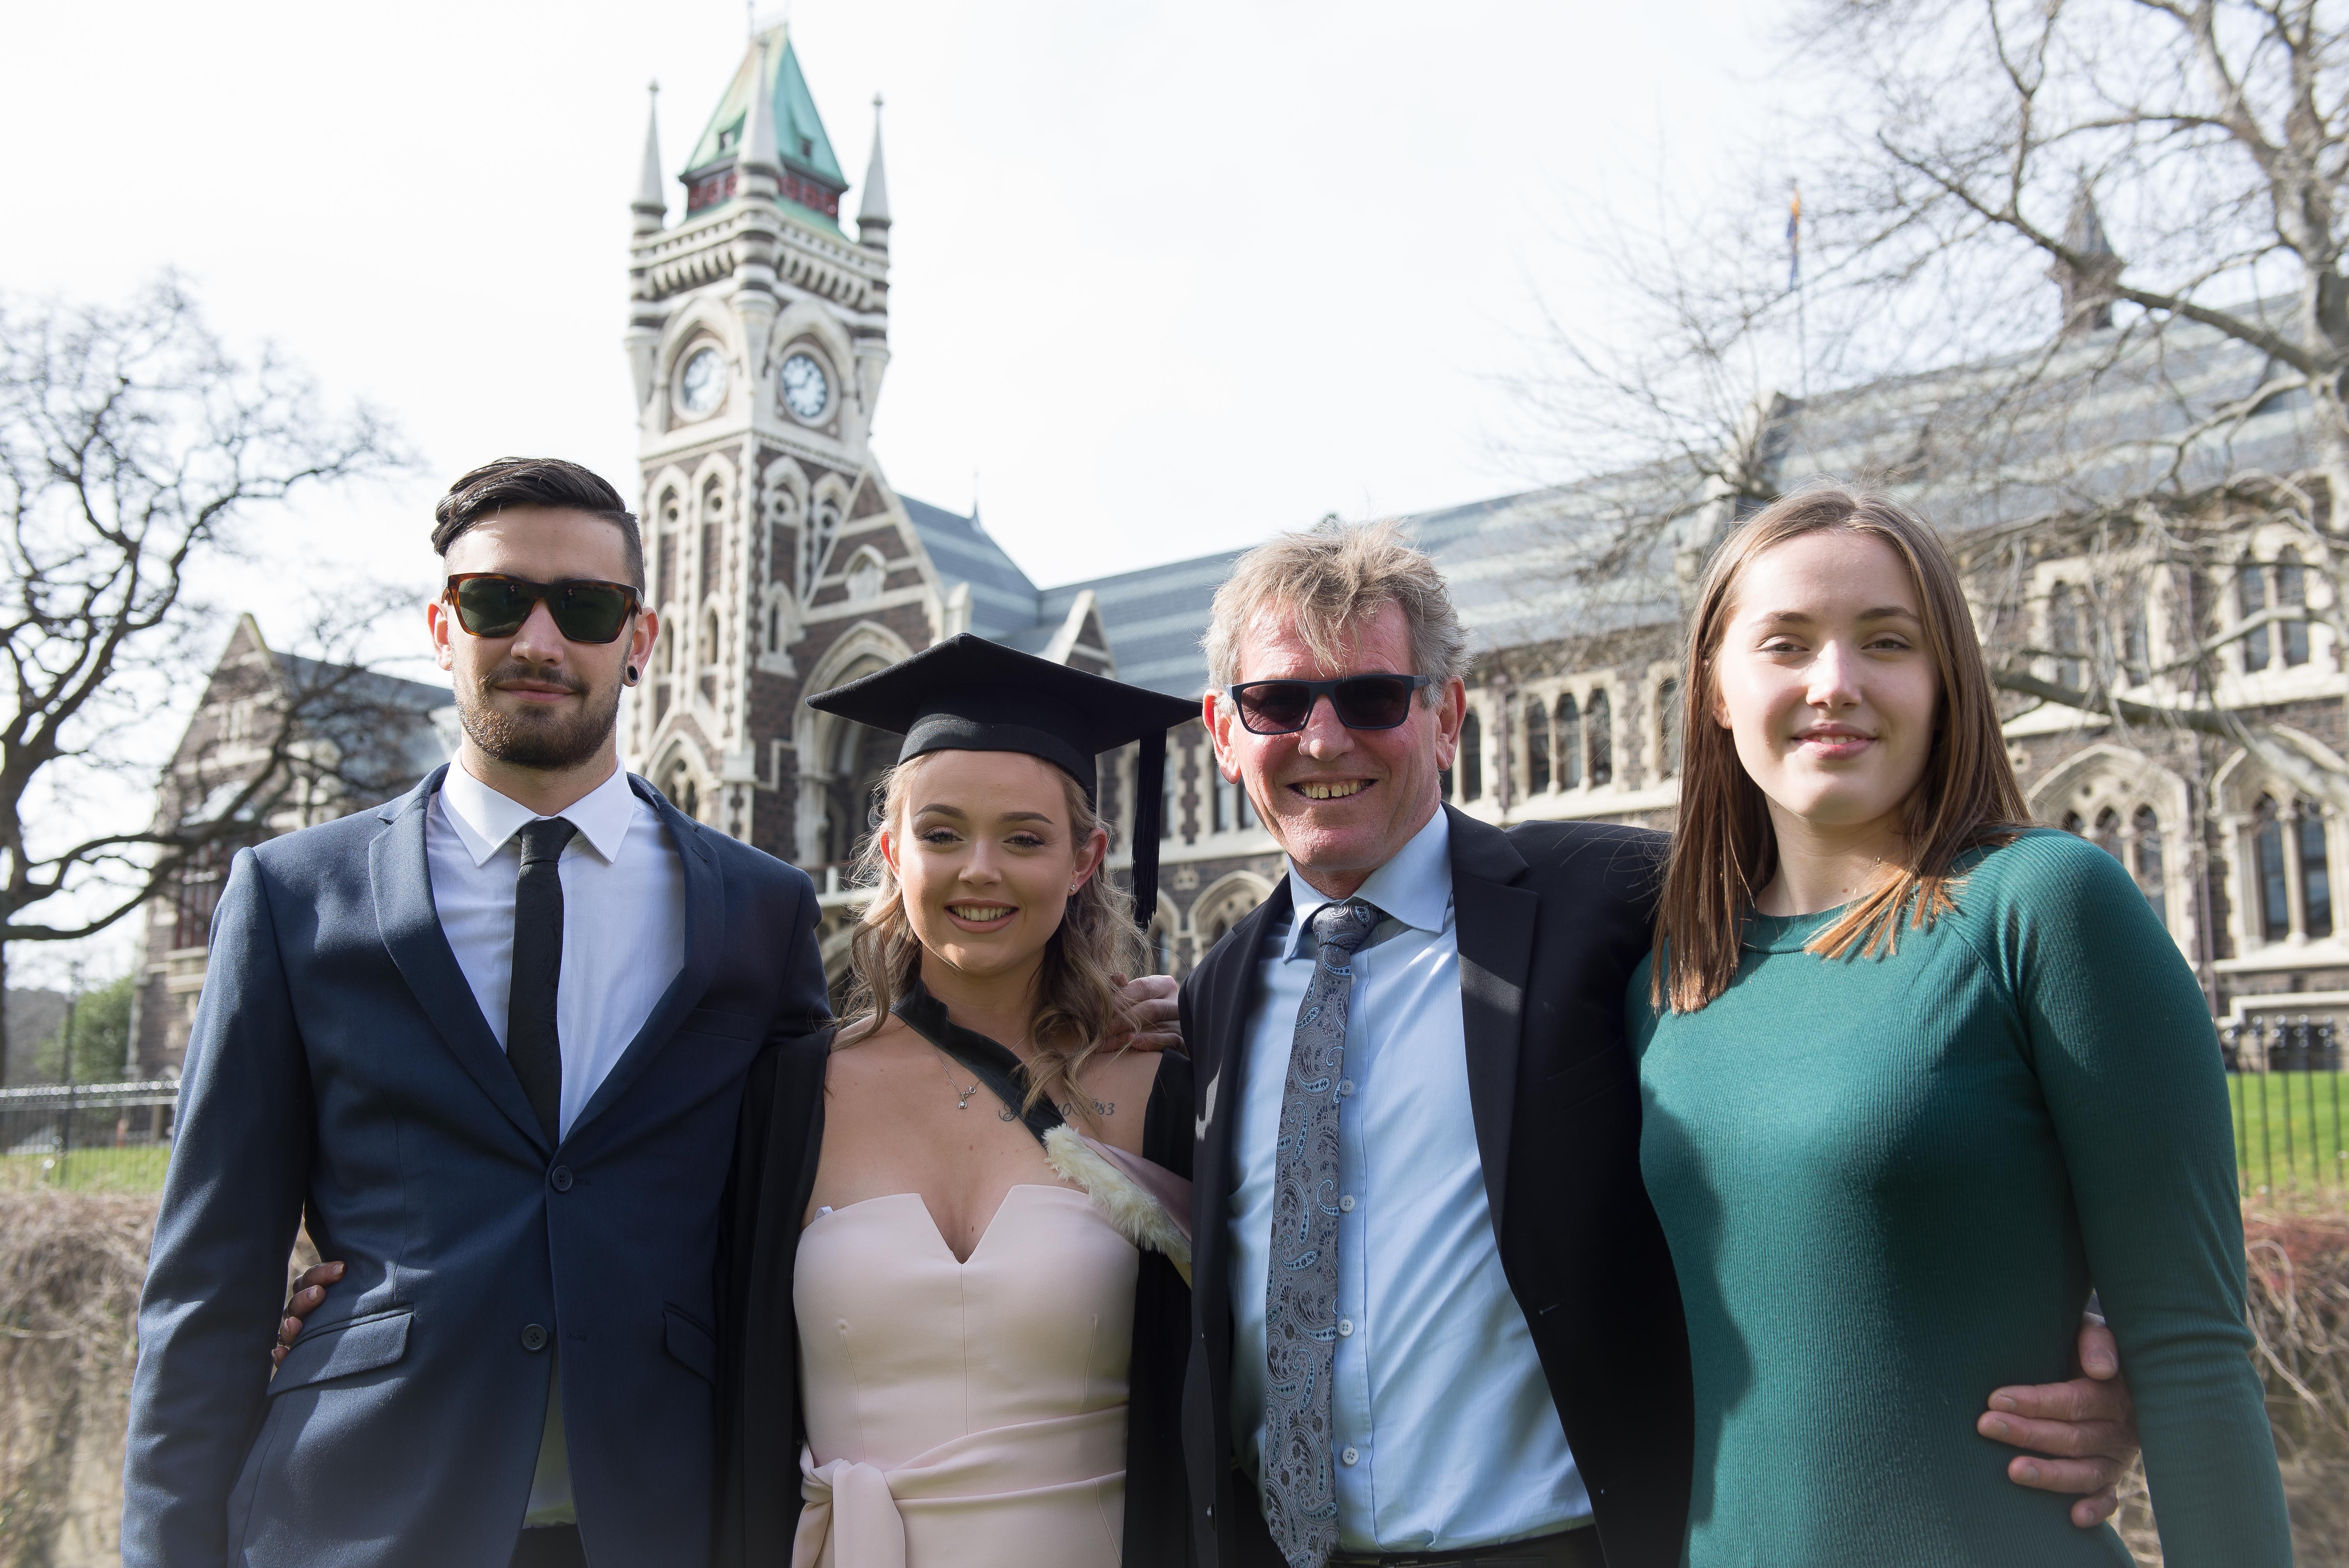 Leah's Graduation